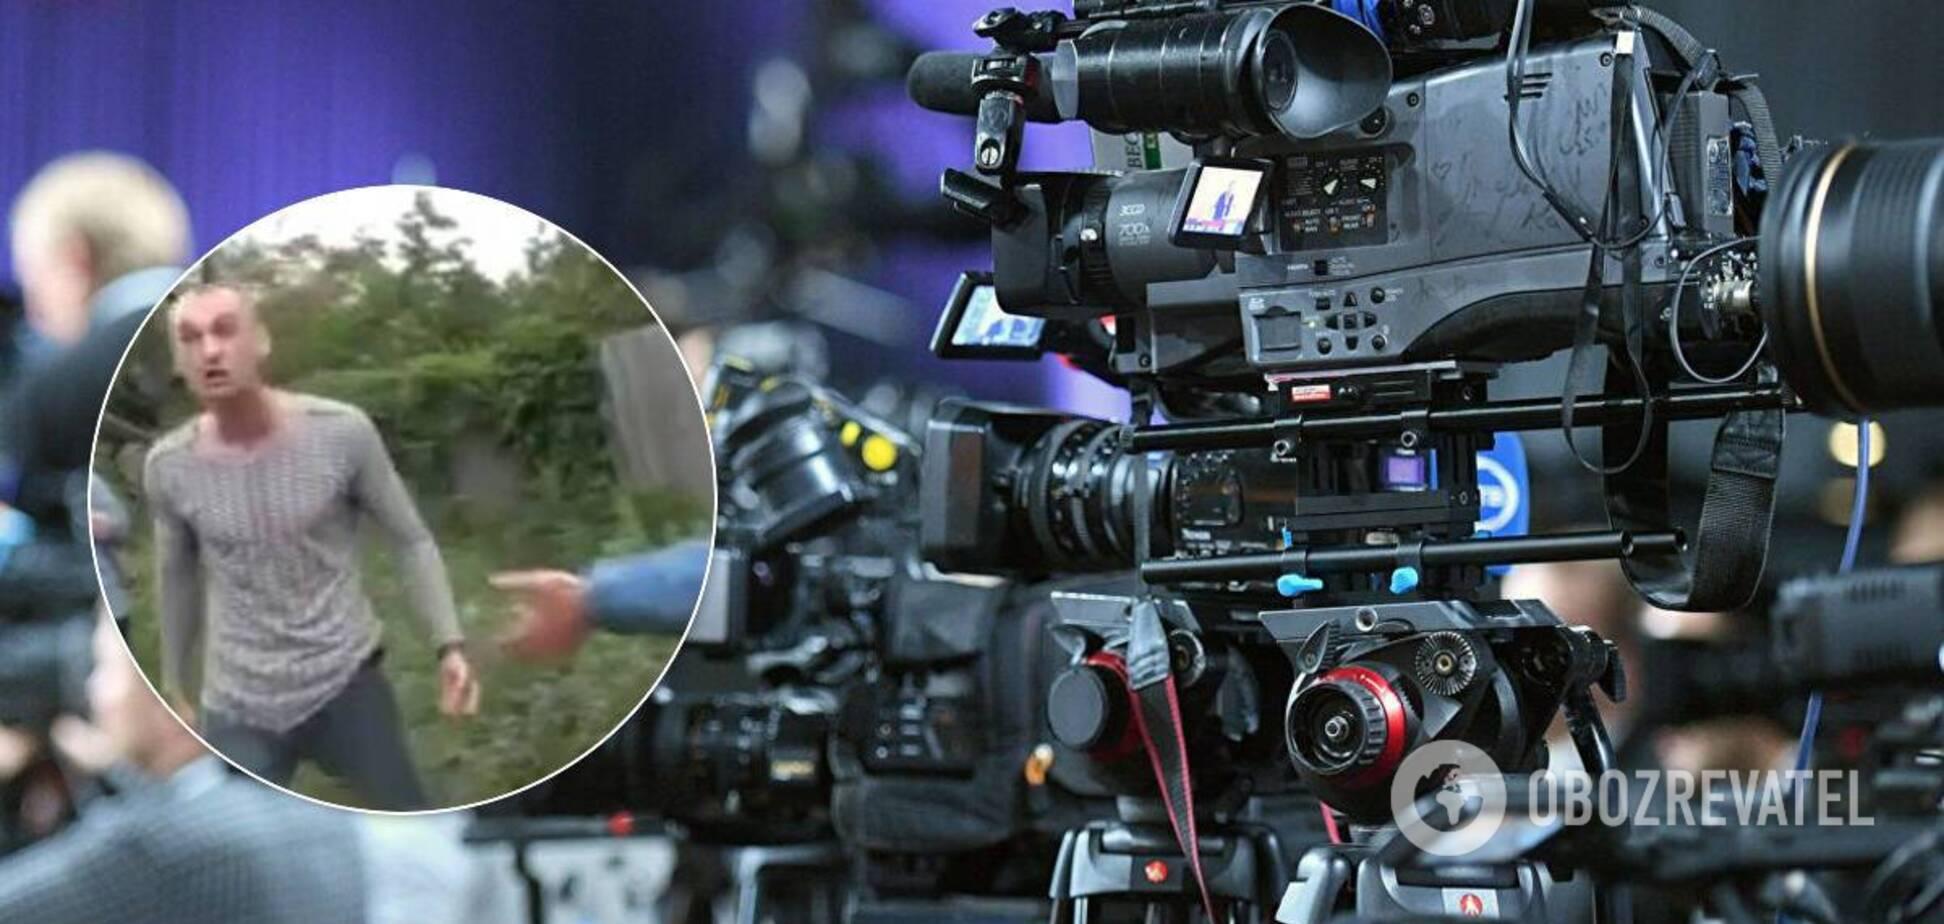 У Харкові напали на журналістів через сюжет про матір, яка вбила дитину